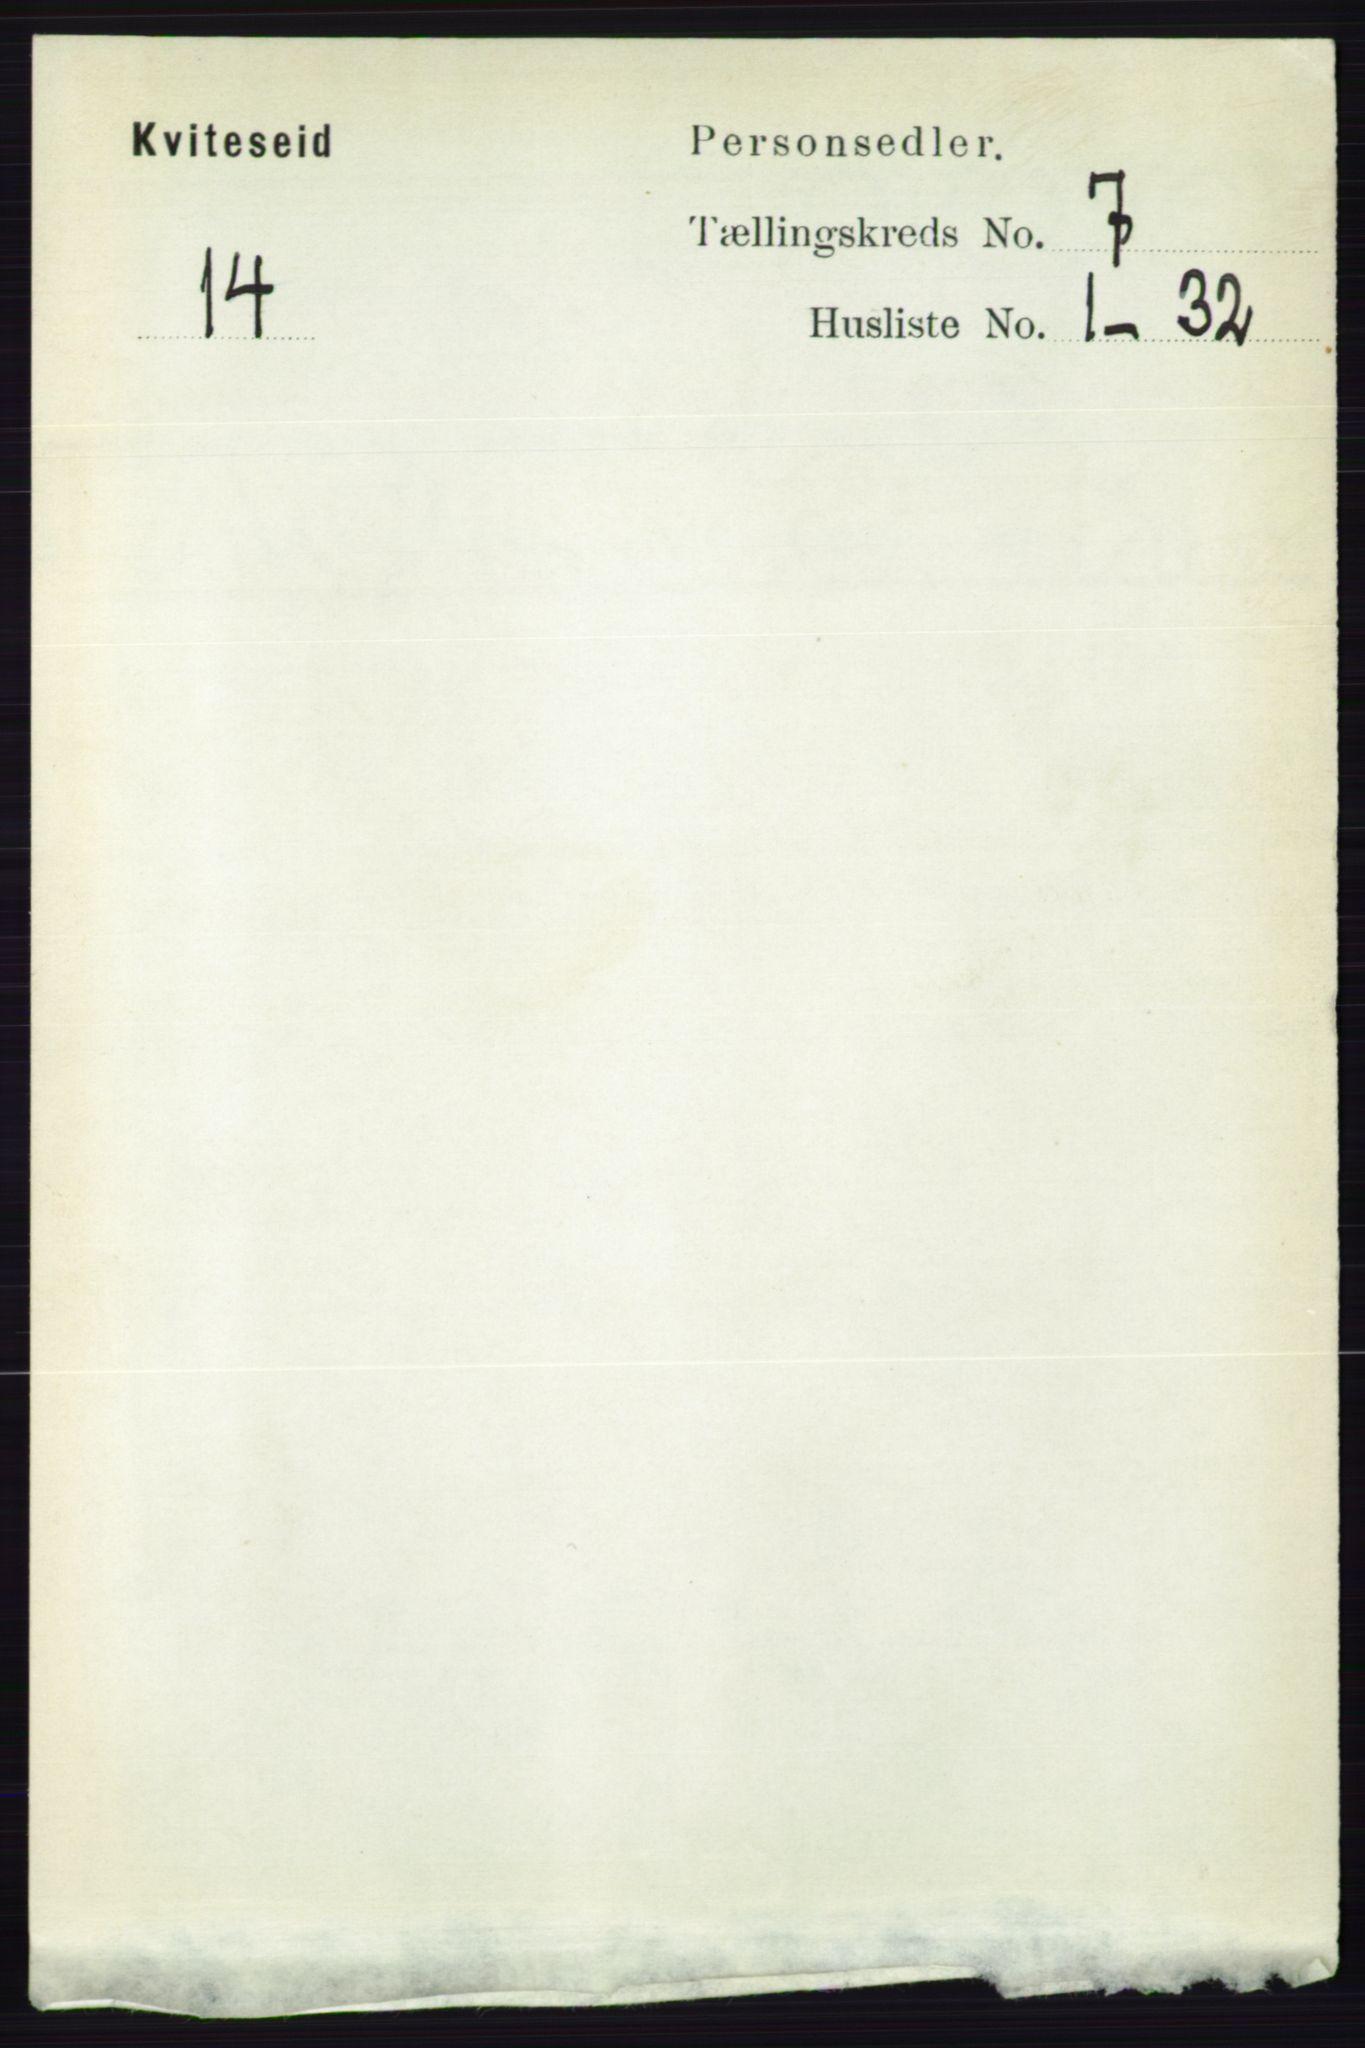 RA, Folketelling 1891 for 0829 Kviteseid herred, 1891, s. 1364